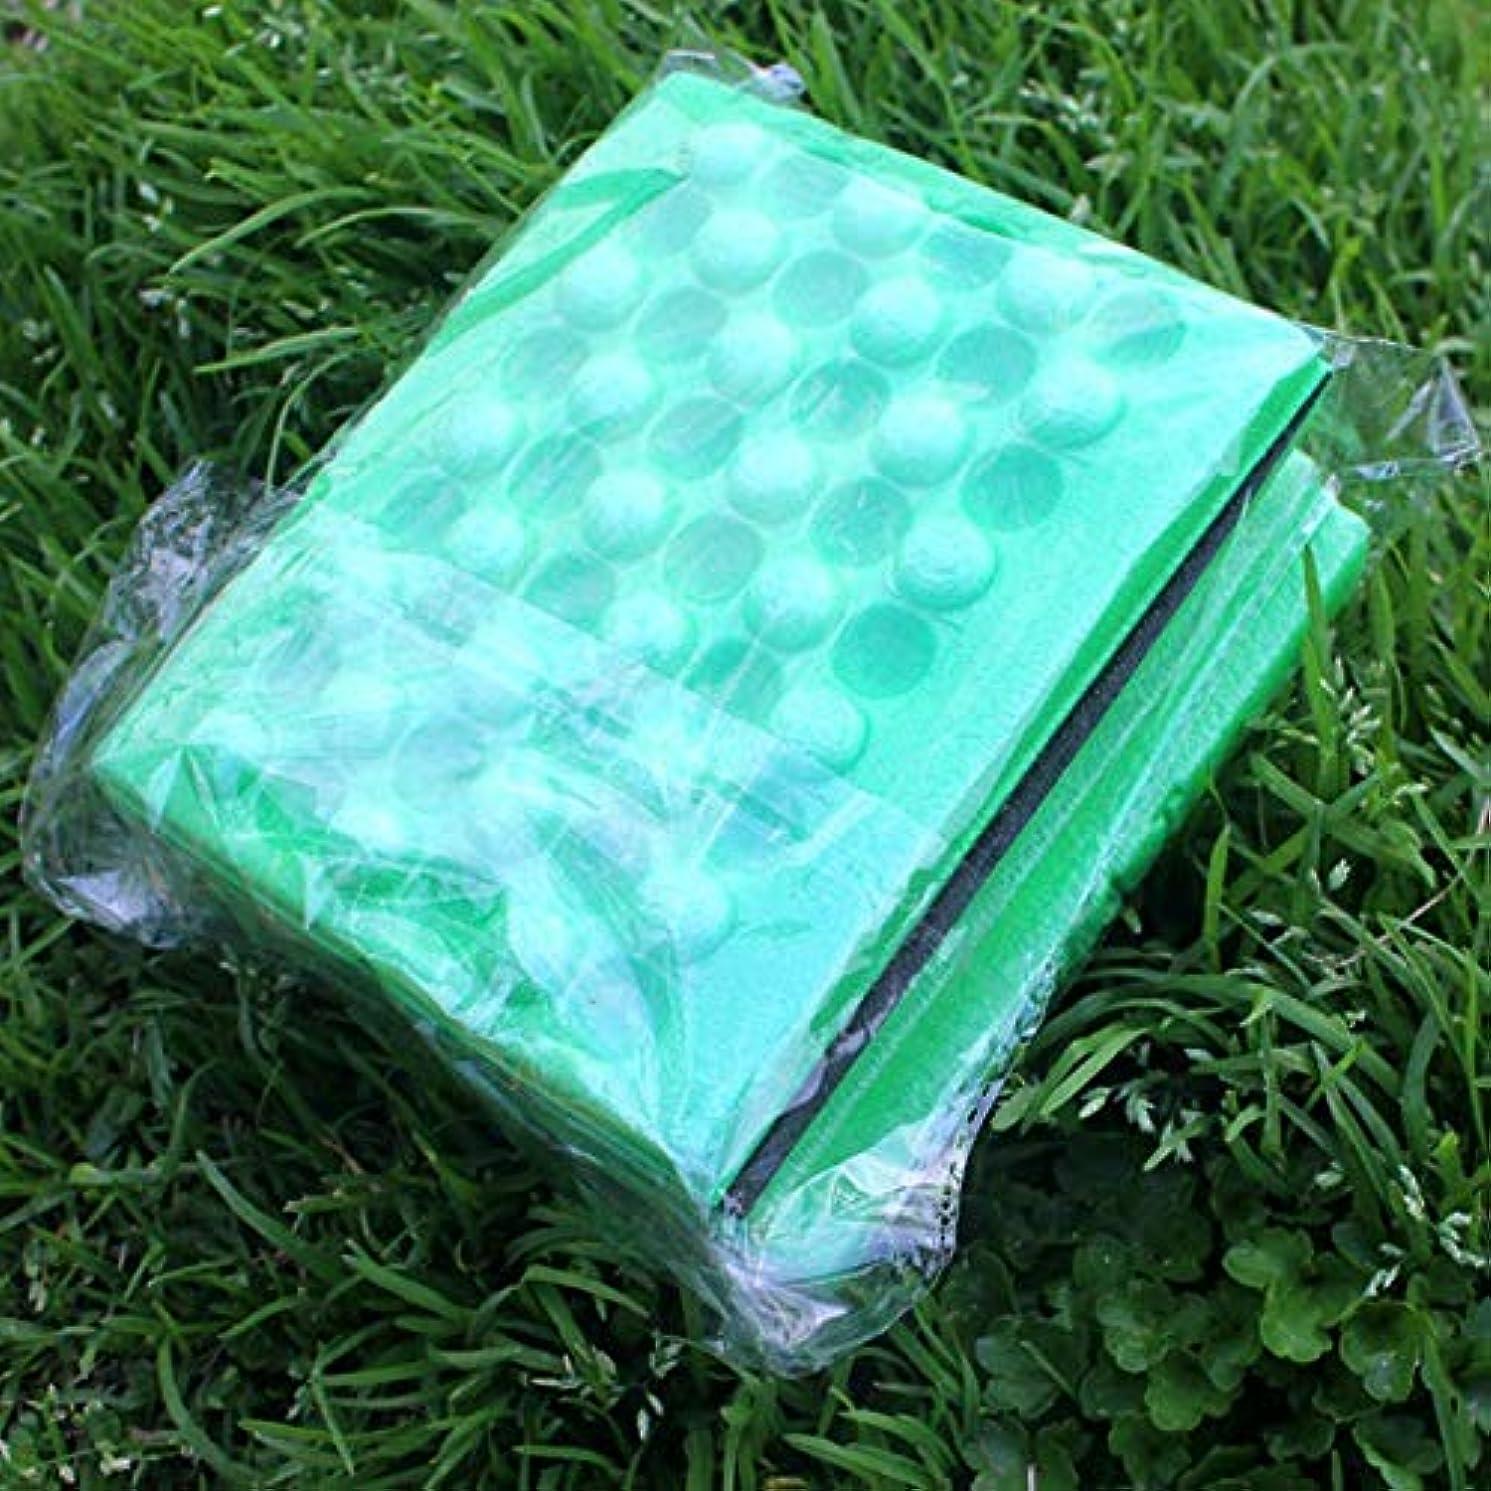 脚本背骨させるLIFE 1 ピース防水マット折りたたみソフトパッドポータブル椅子ピクニックマットレスクッションガーデンバーベキューライトマット クッション 椅子